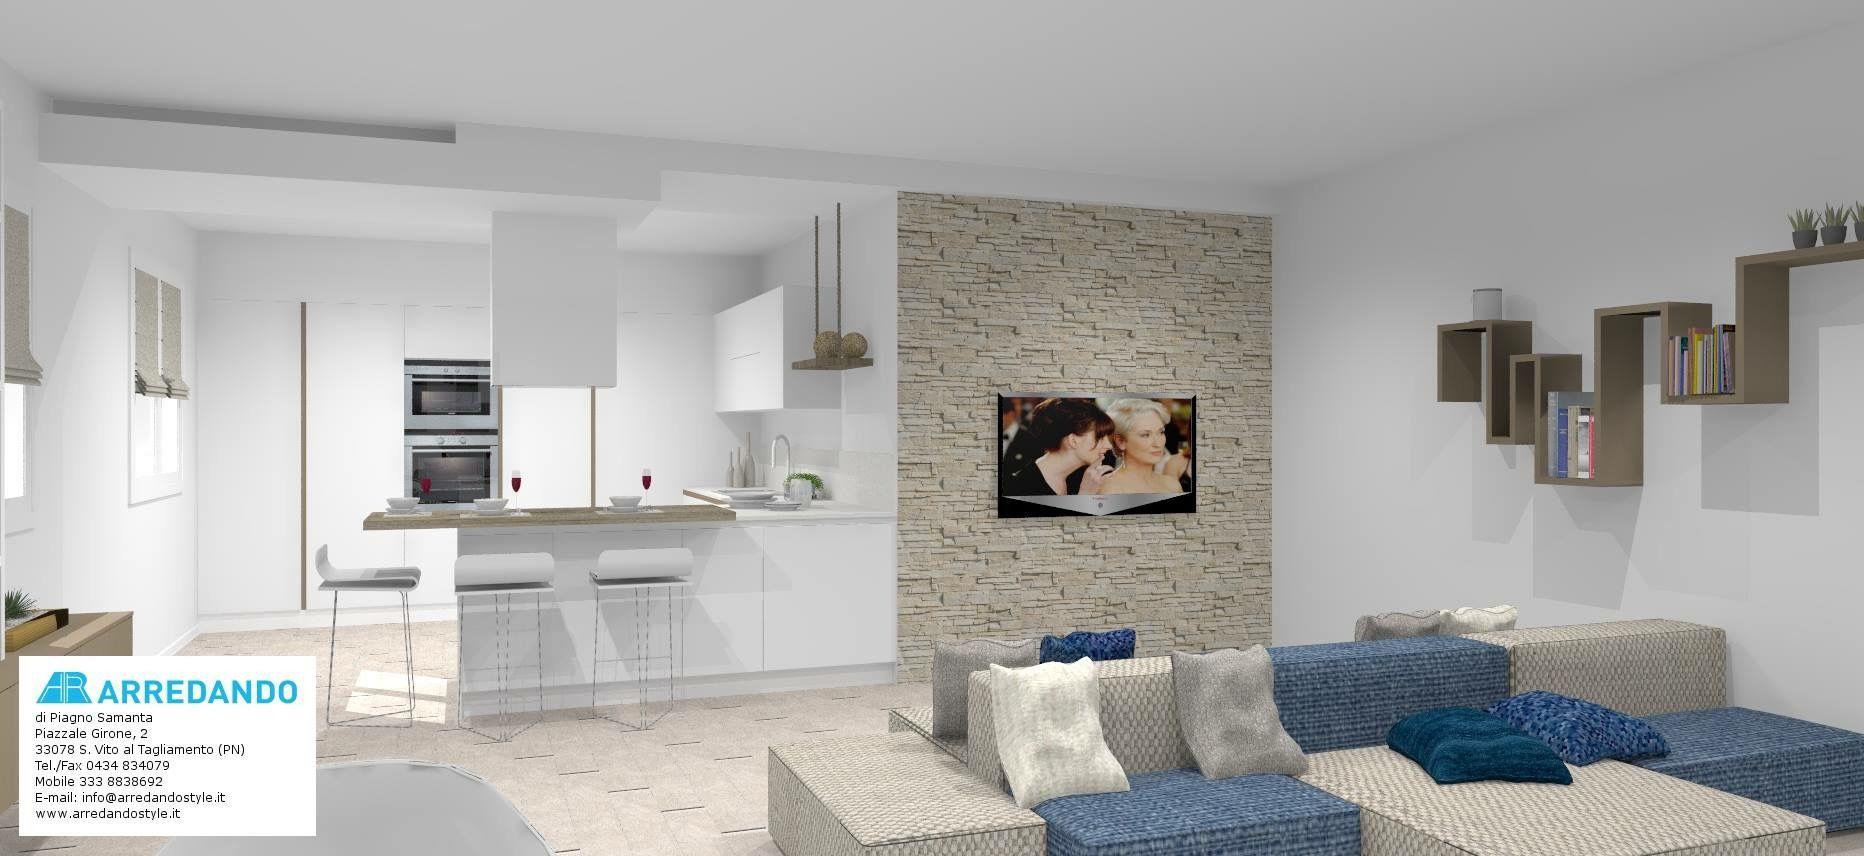 Attico con terrazzo progetto di arredamento per attico for Arredamento attico